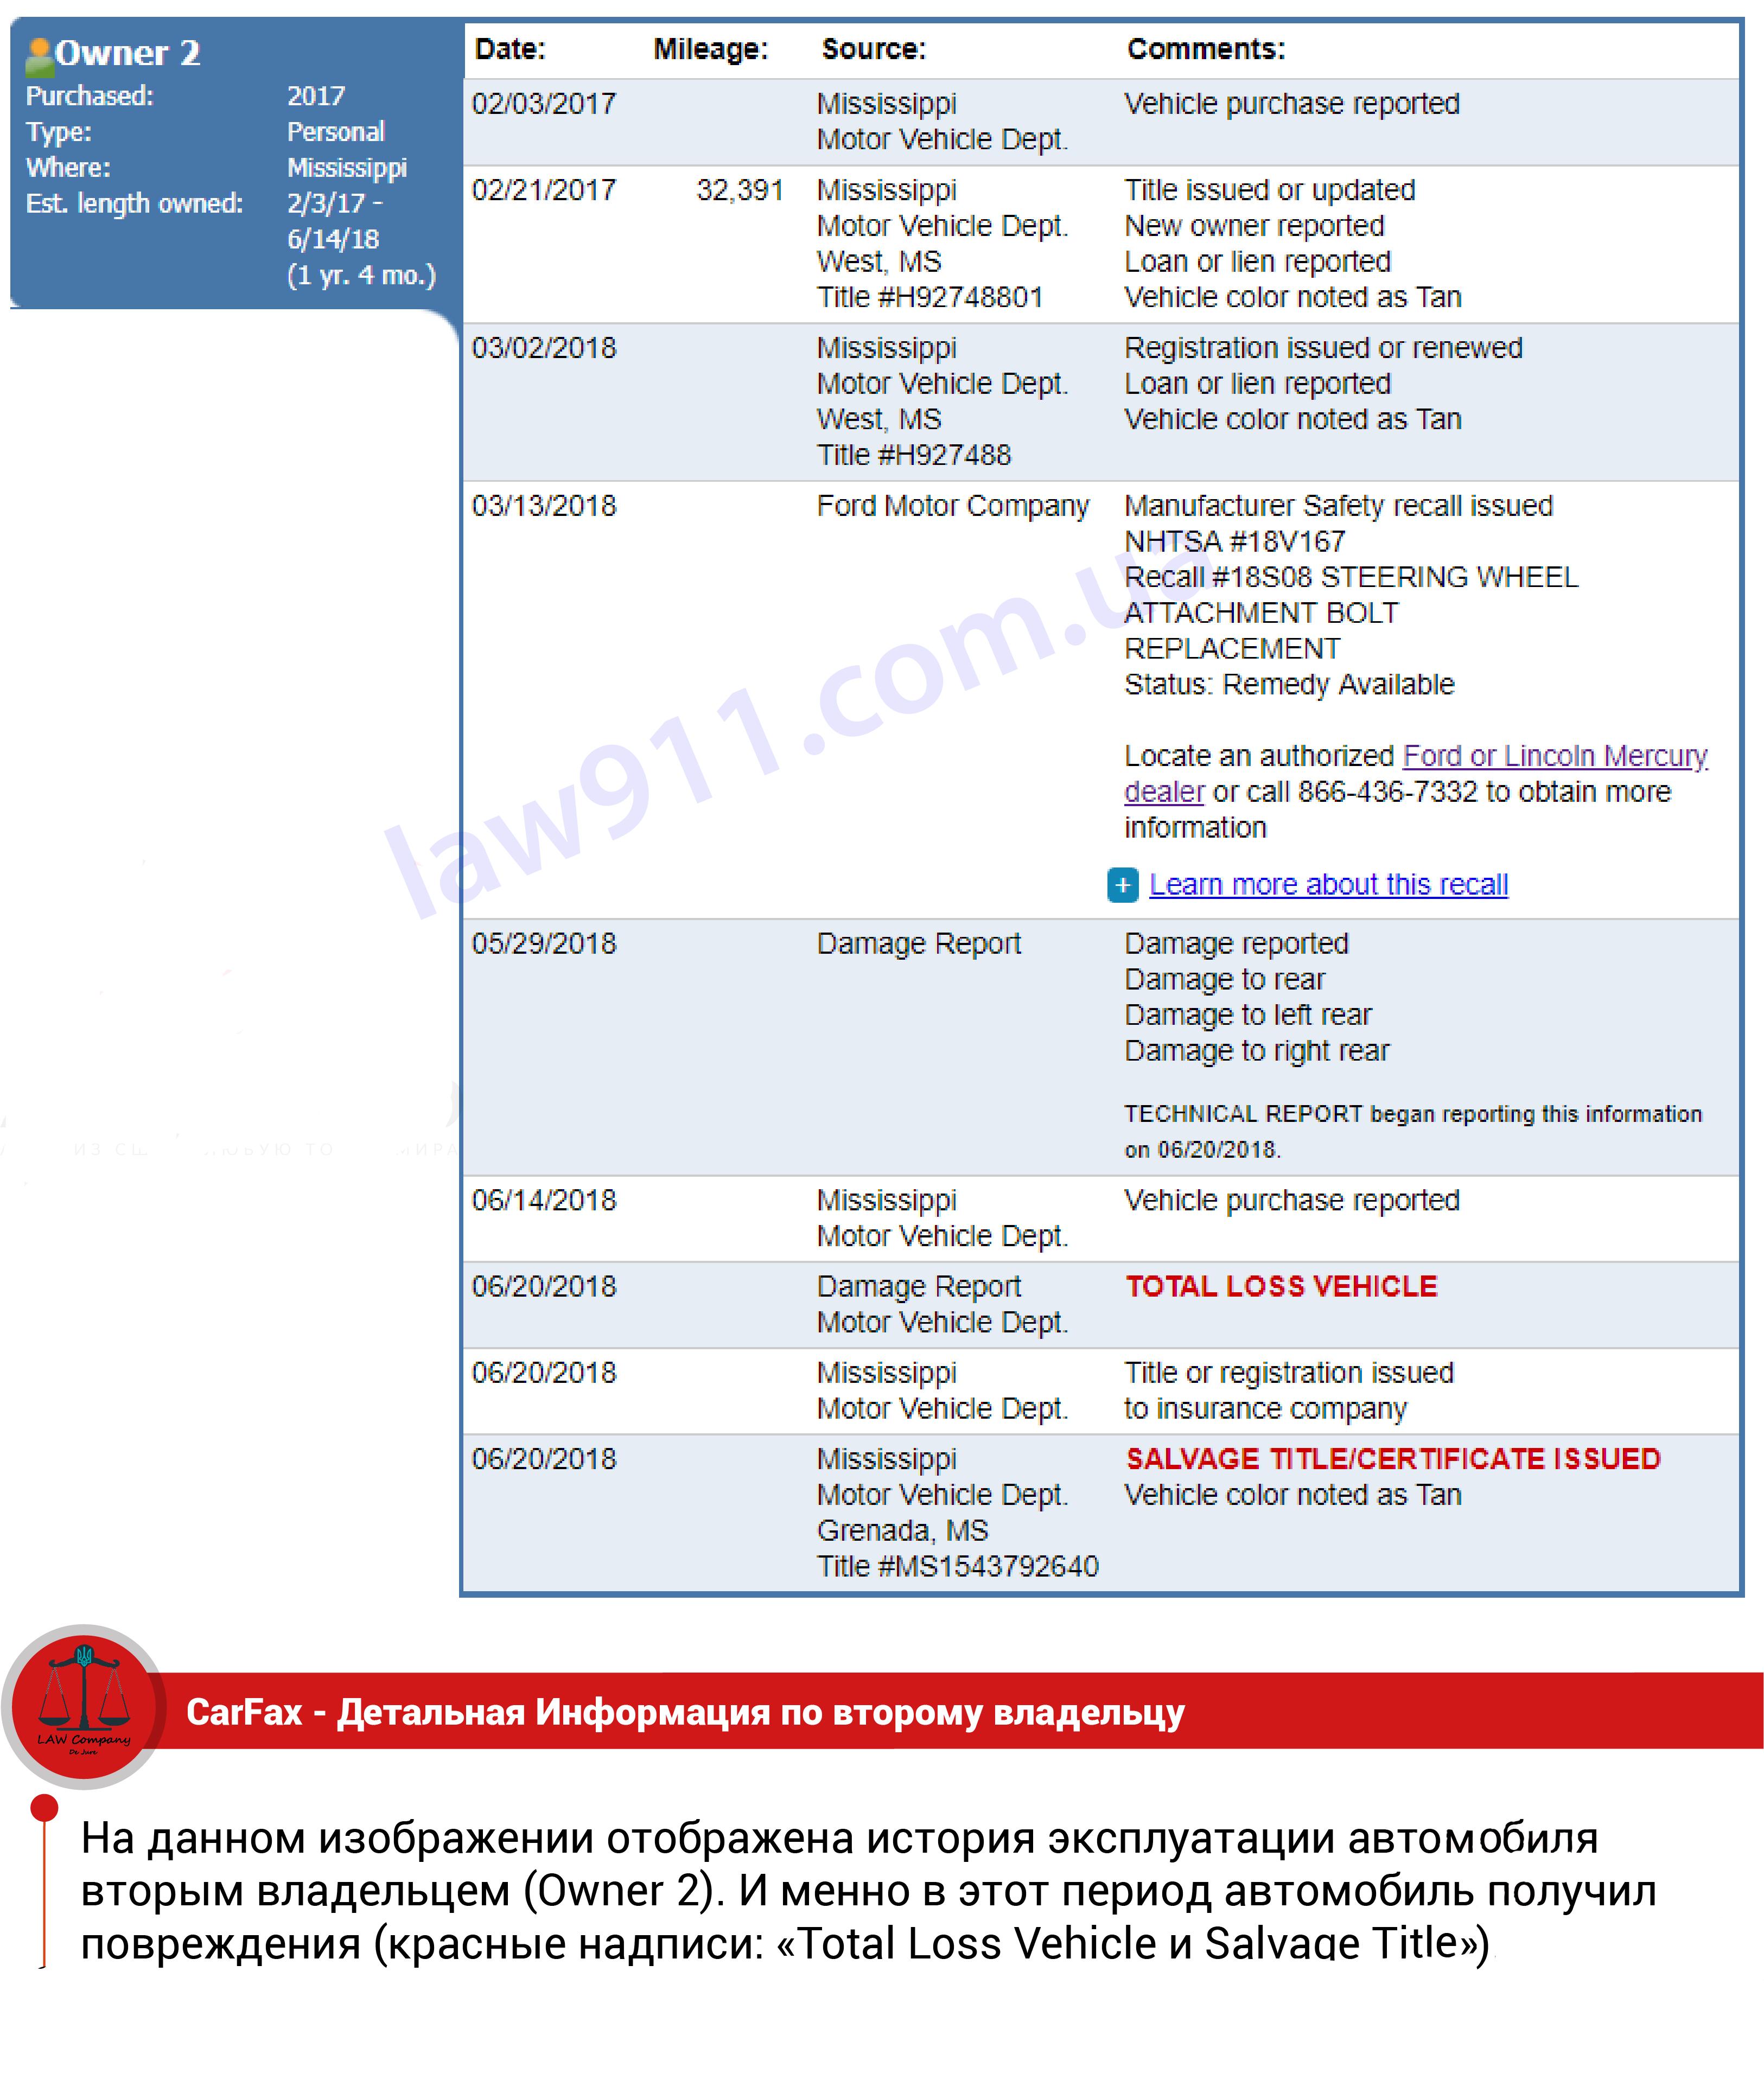 Детальная информация пользования авто 2-им владельцем